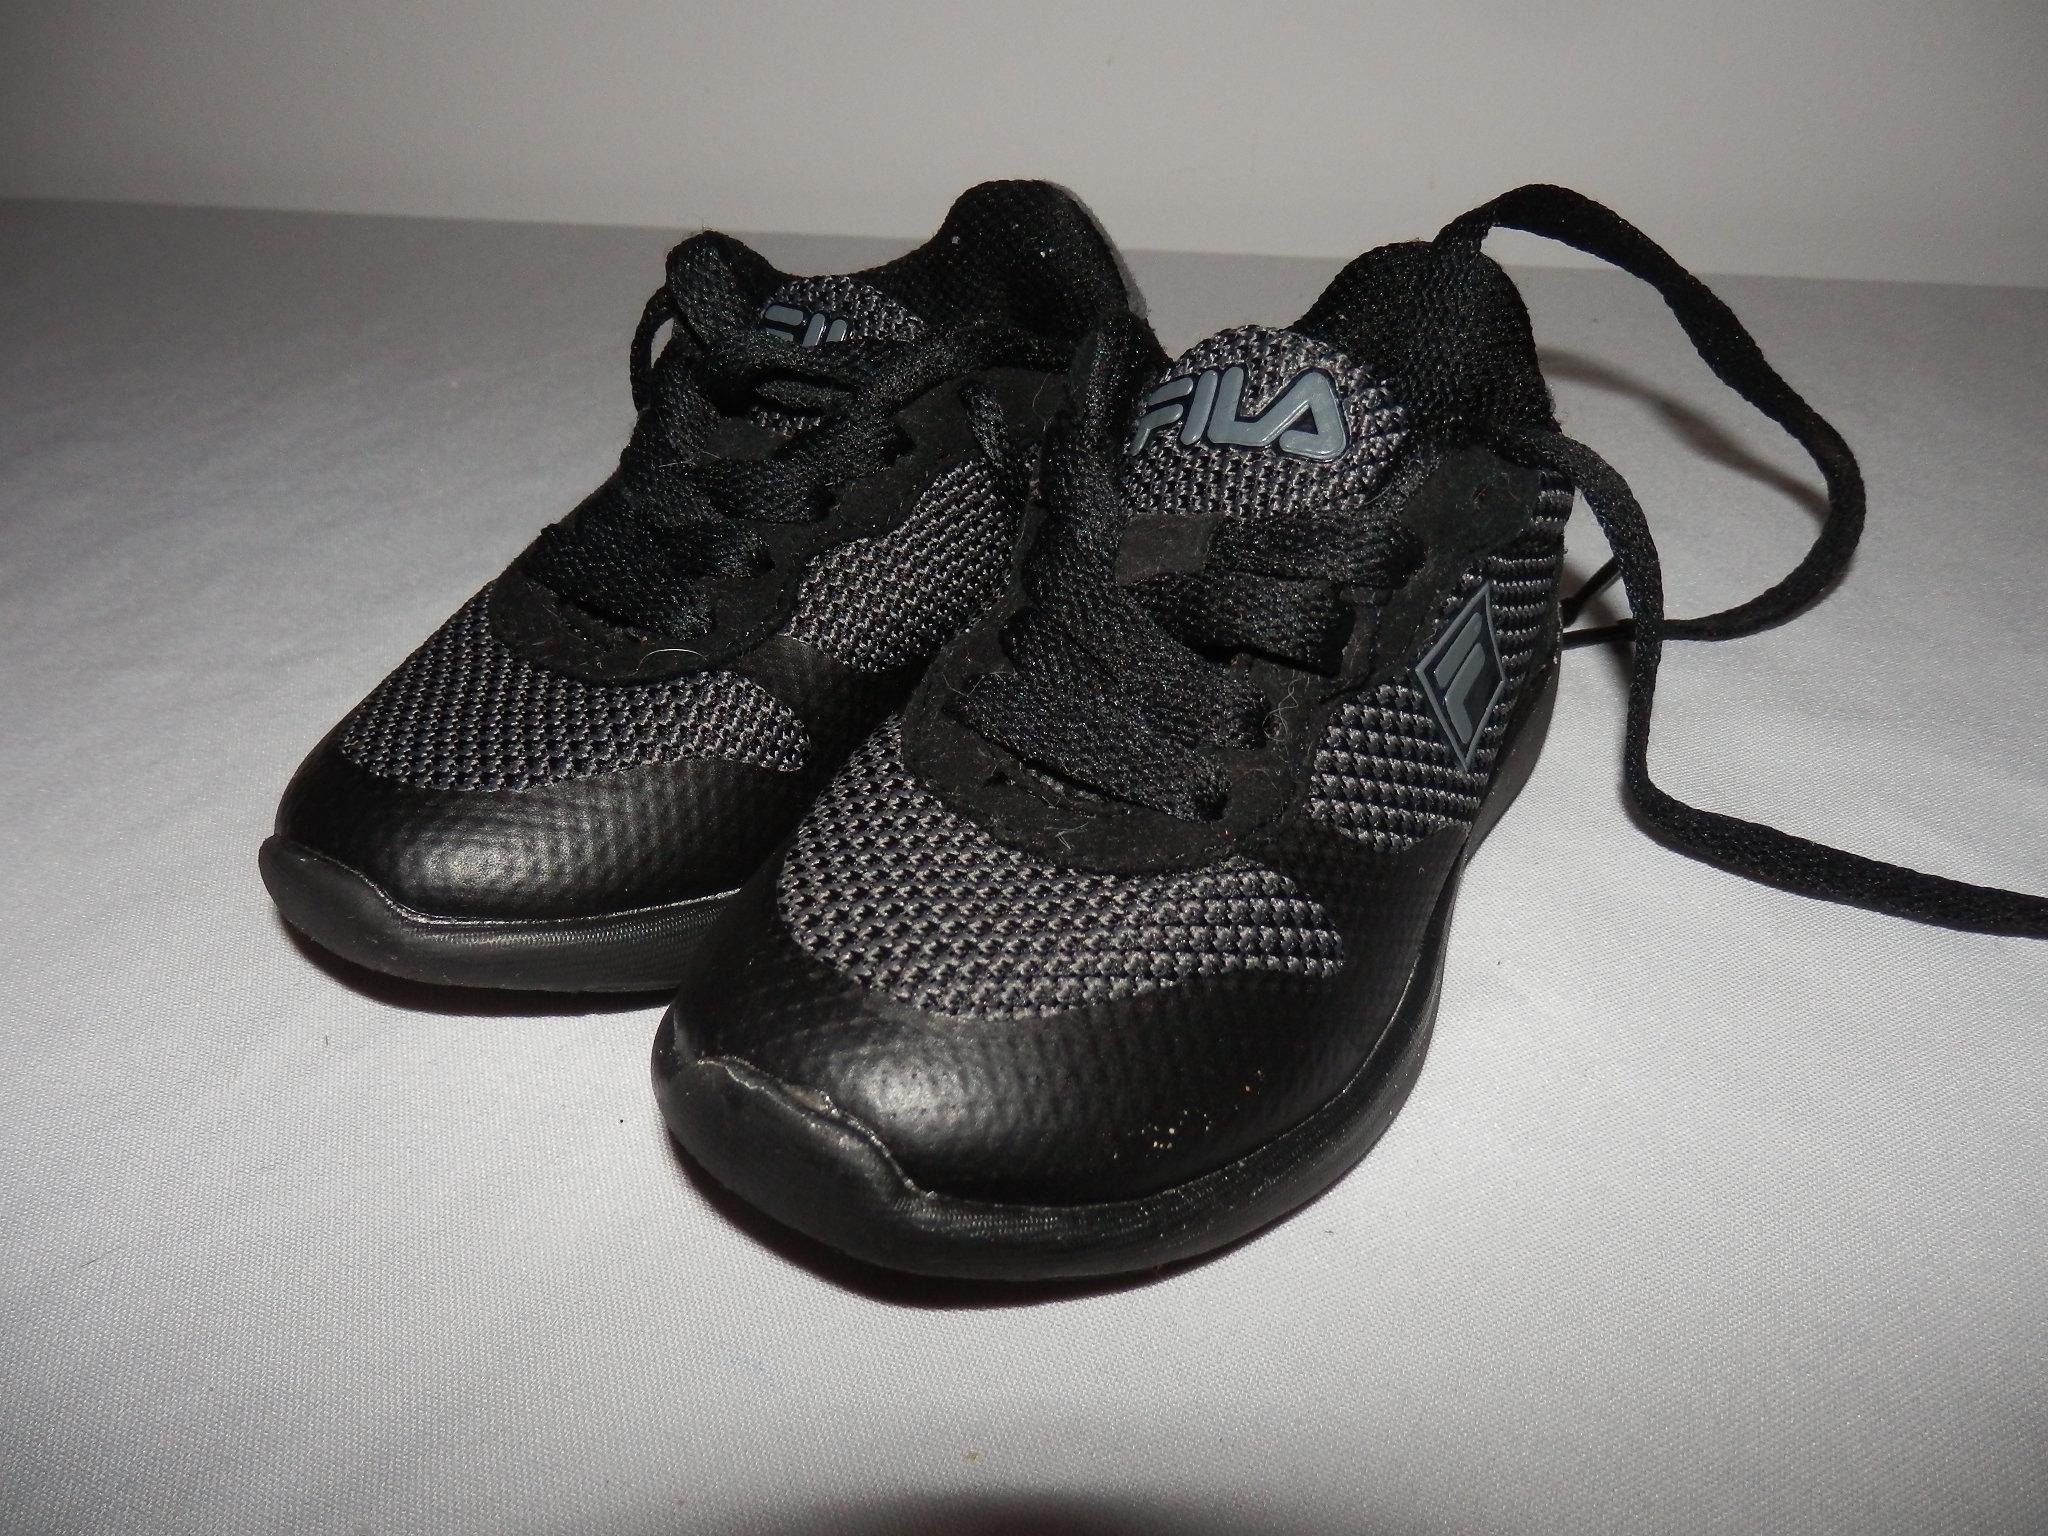 Buty adidasy czarne FILA rozmiar 22 6924420236 oficjalne